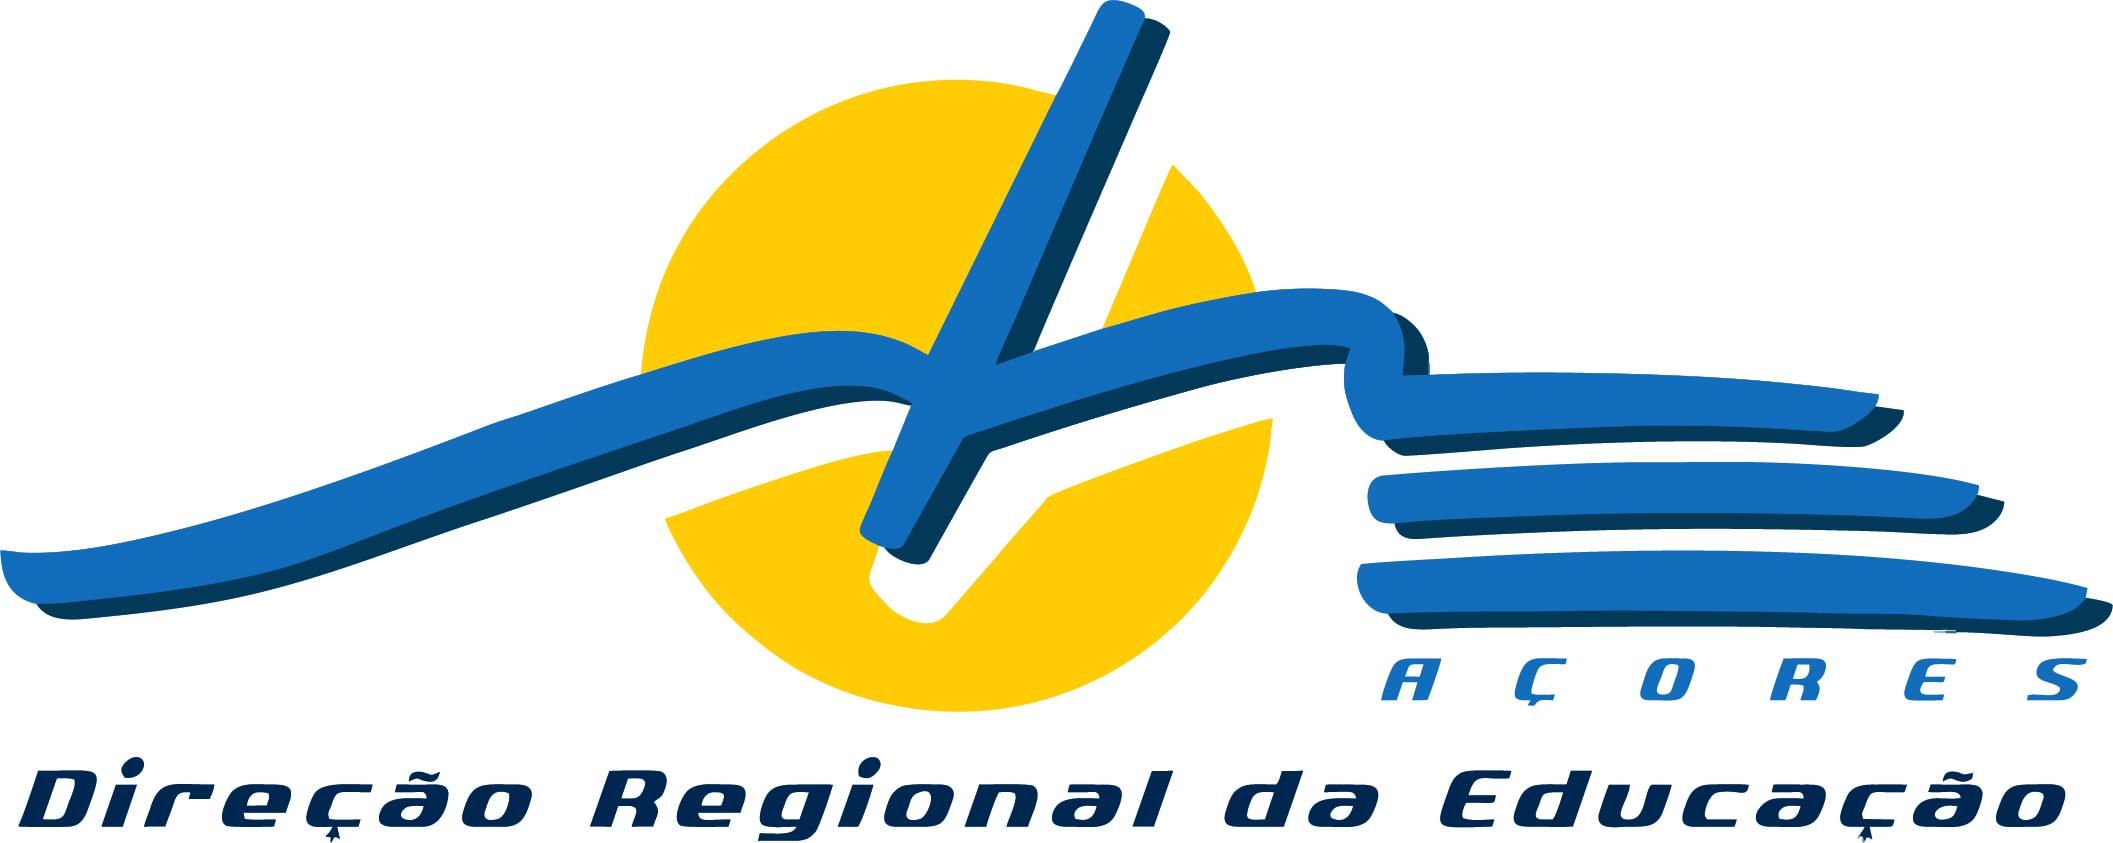 Direção Regional dos Açores